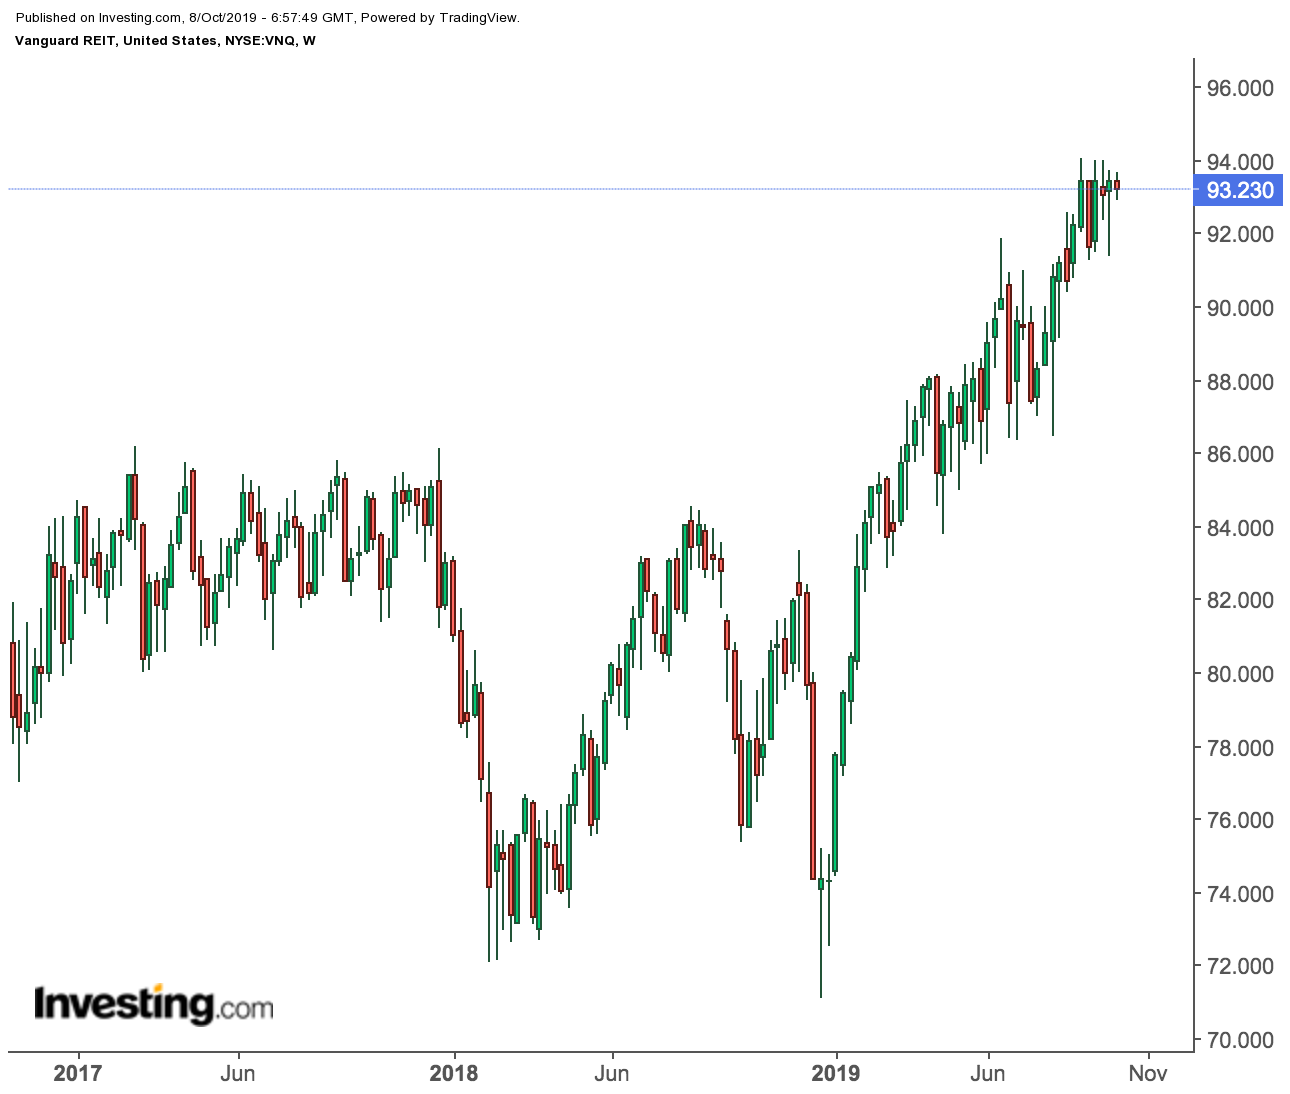 Vanguard REIT price chart